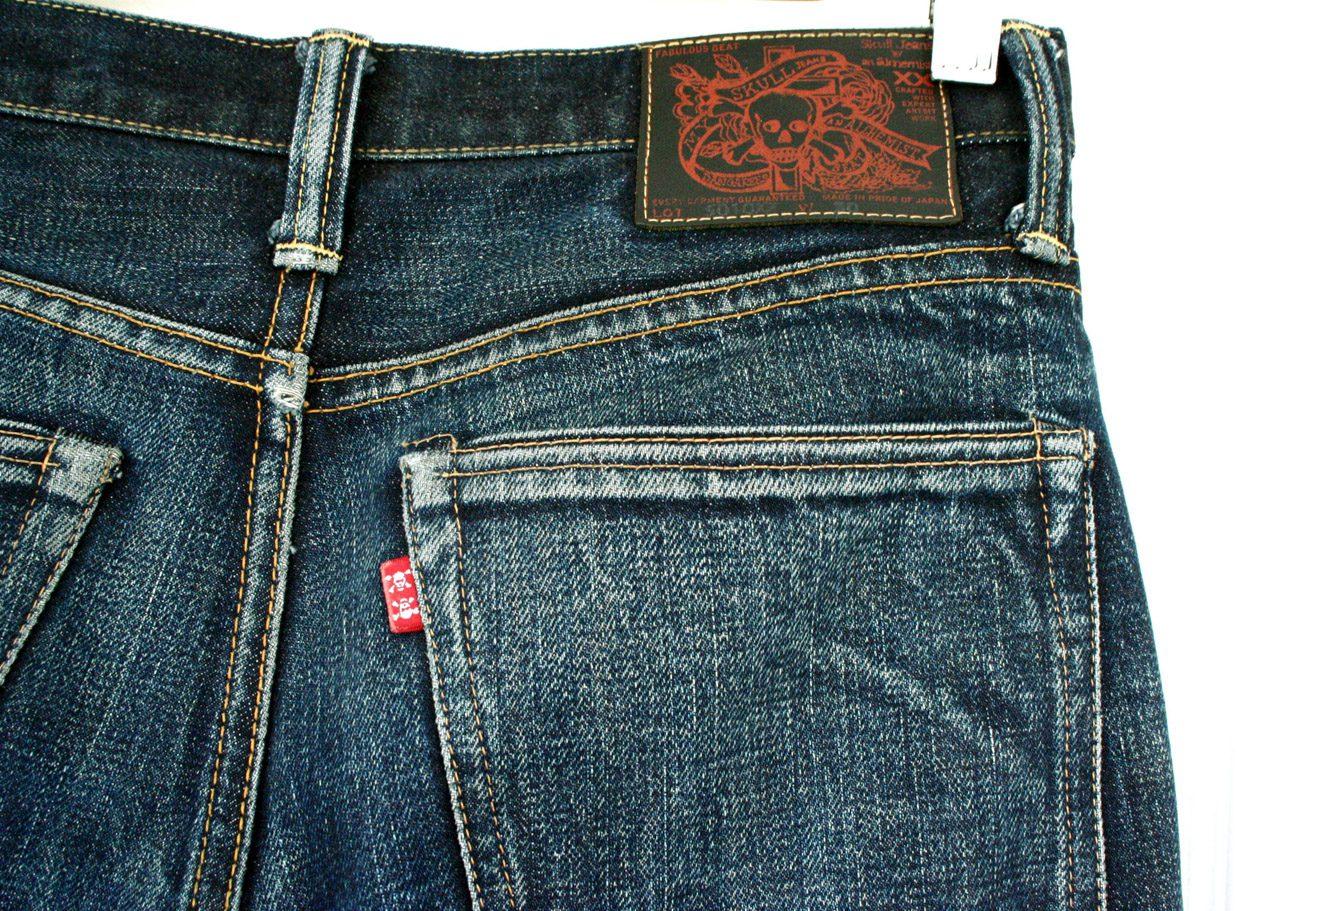 Skull jeans, red tab, Japanese jeans, selvedge denim, denim fades,